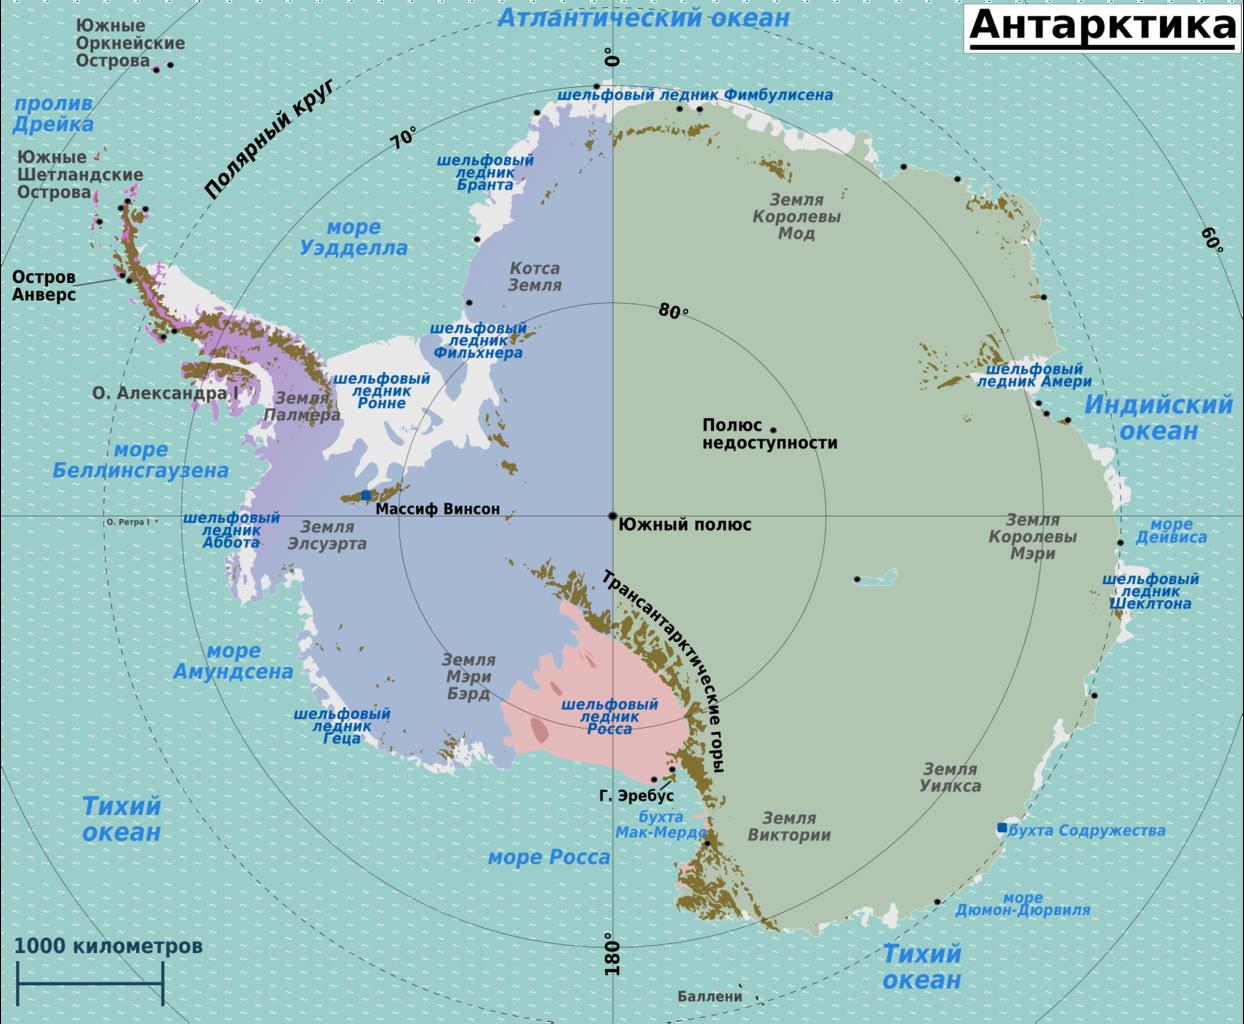 Antarktis Map